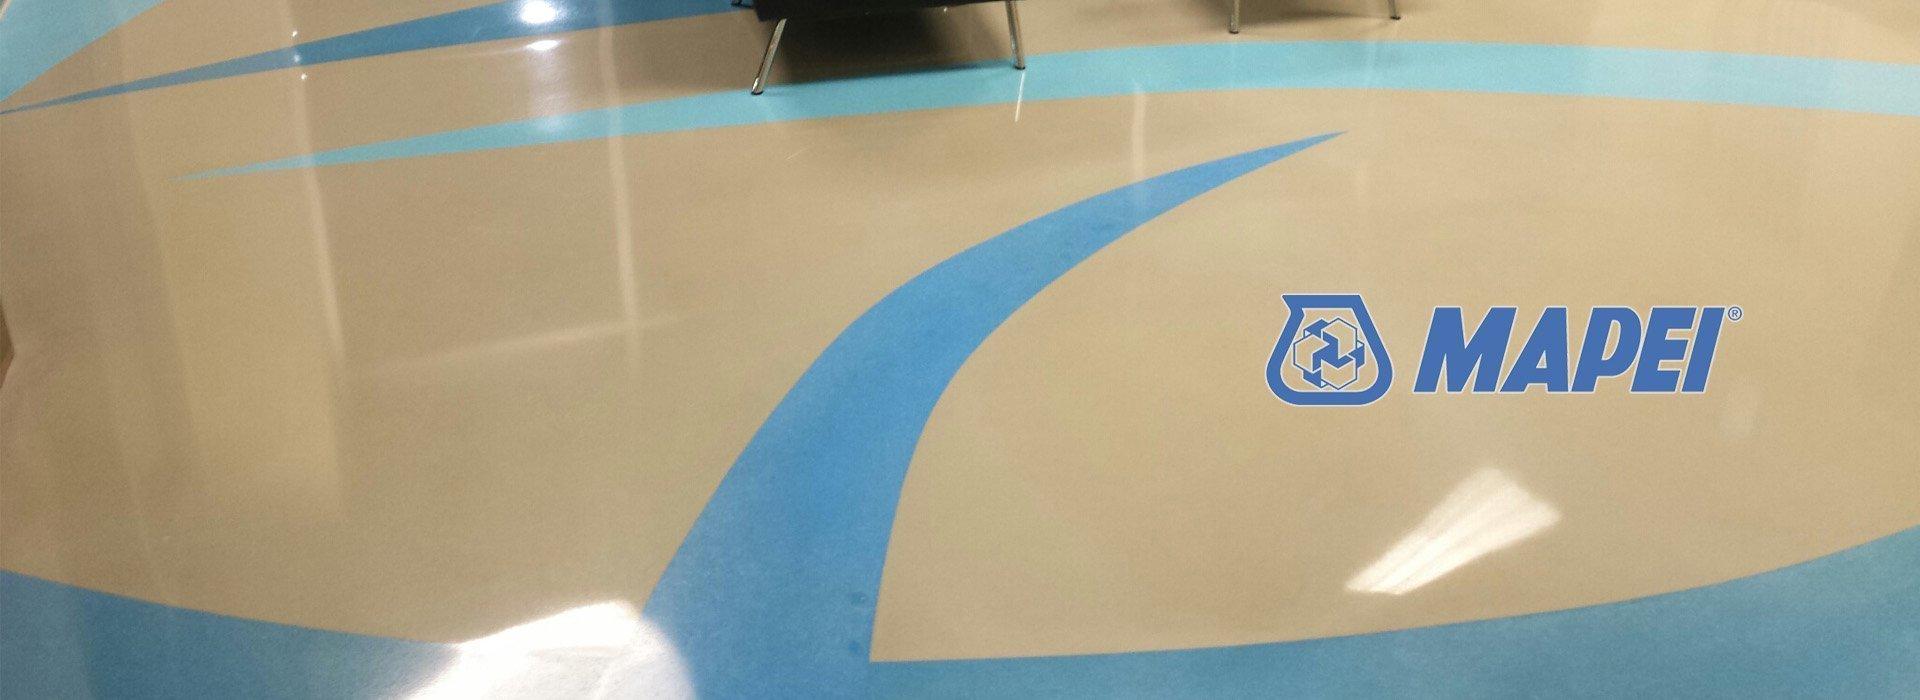 Concrete Epoxy Floor Coatings & Materials for Floor Contractors